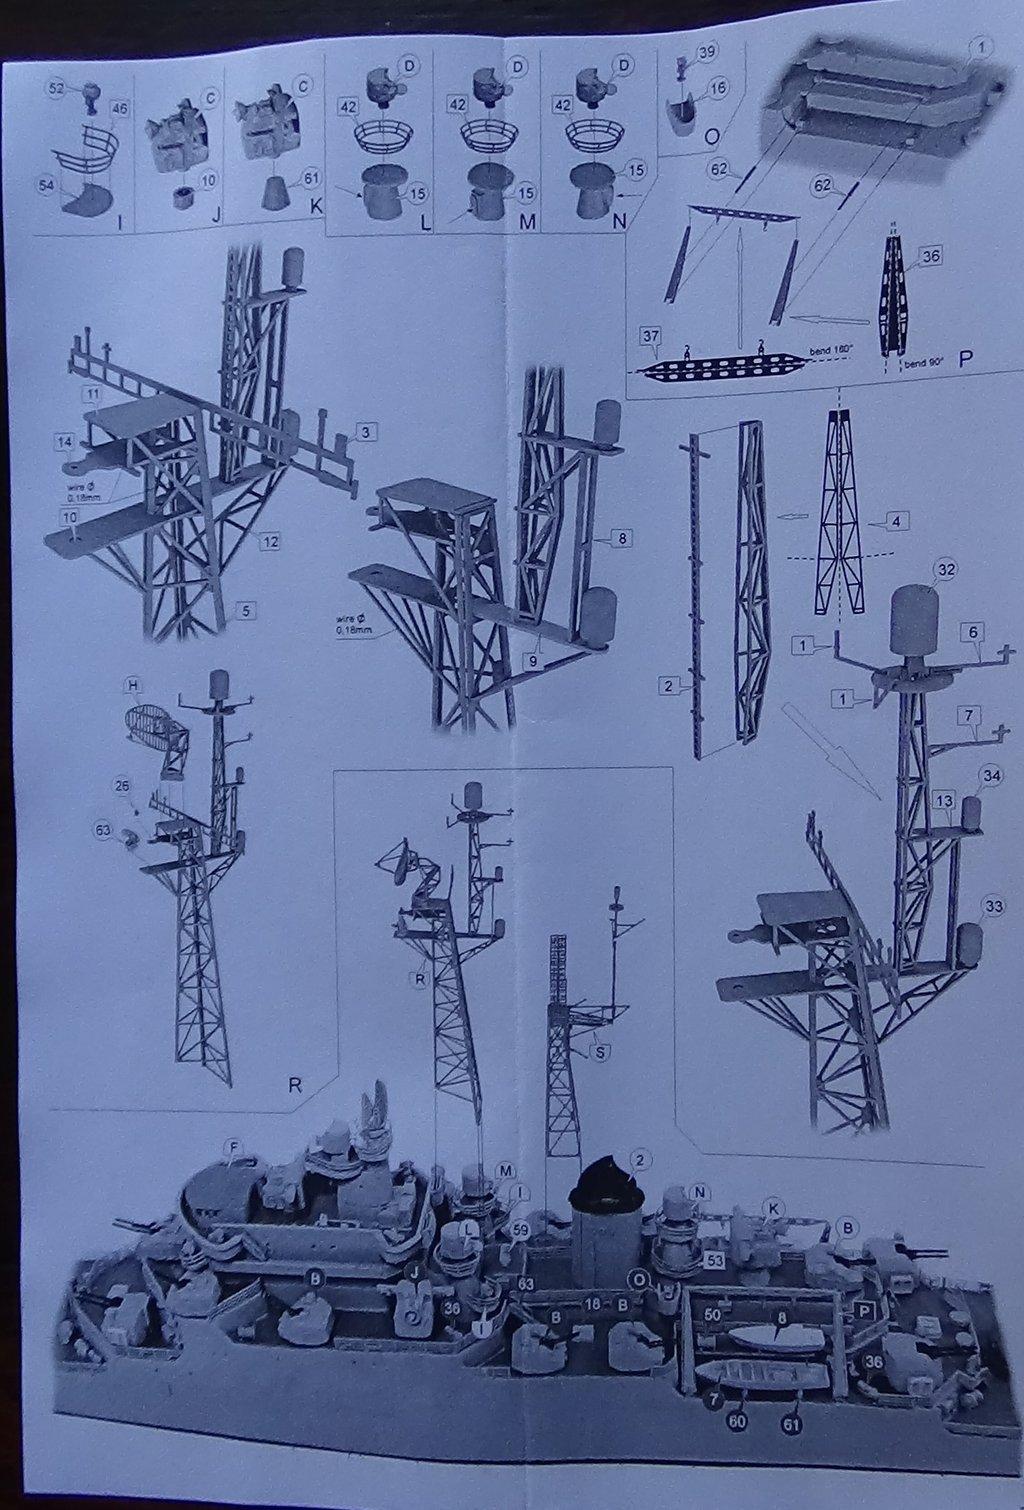 [Croiseur Colbert, 1964] 1/700e Niko Models-Ouverture de boite 18102412332823134915960134